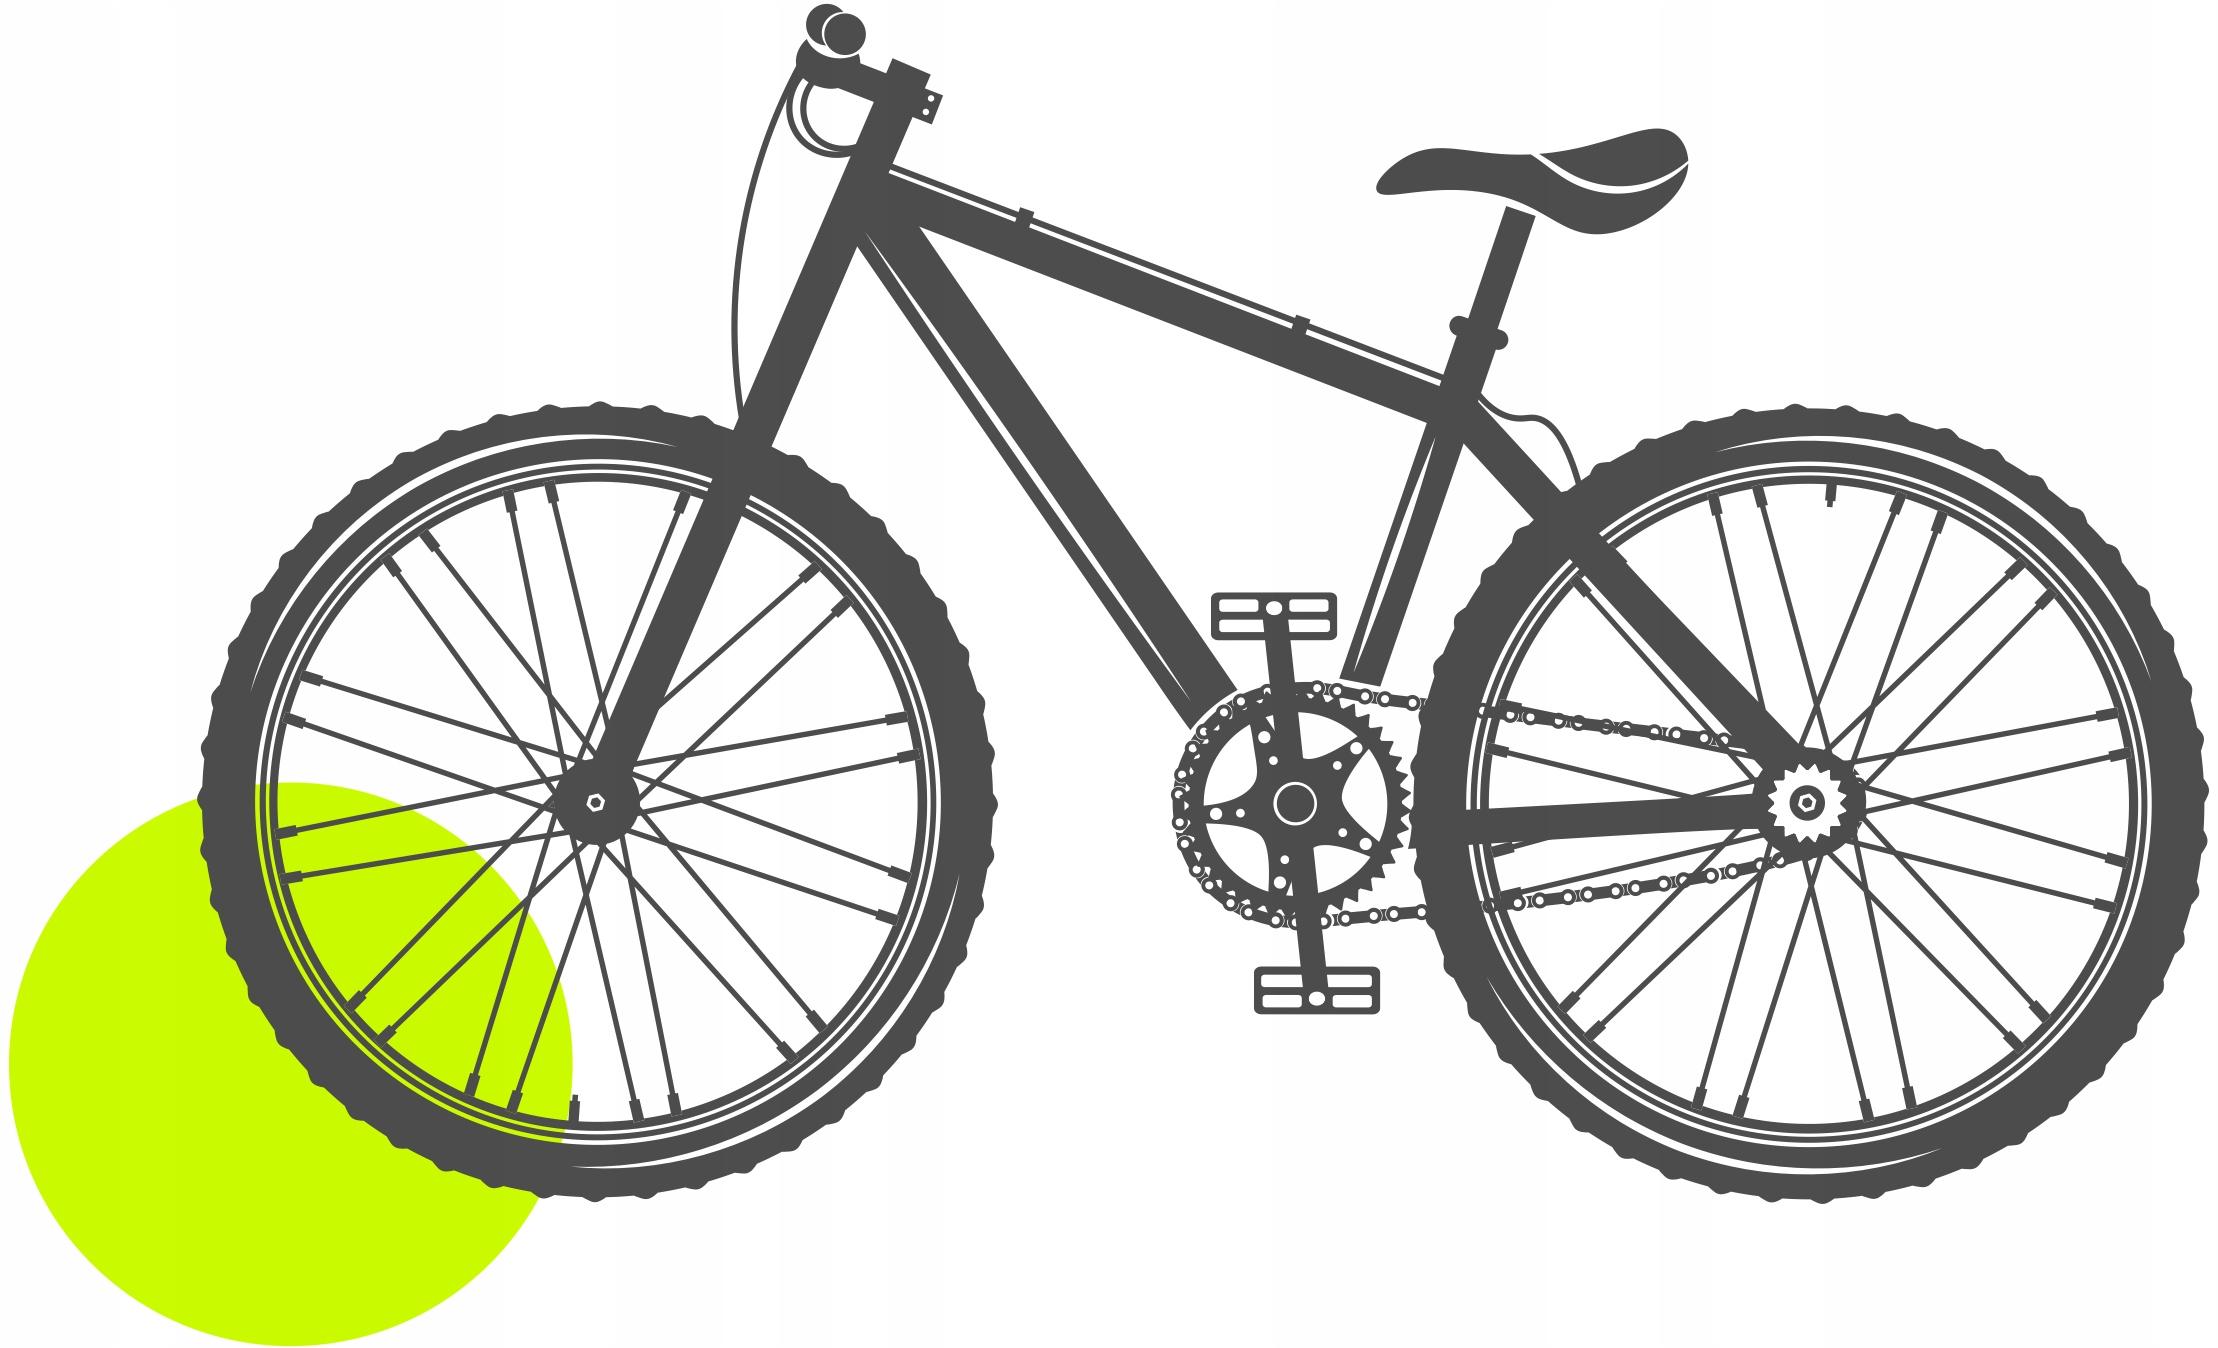 Pánsky mestský bicykel Alpina s 6 prevodmi, 6 rýchlostných stupňov, ľahký, pohyblivý model